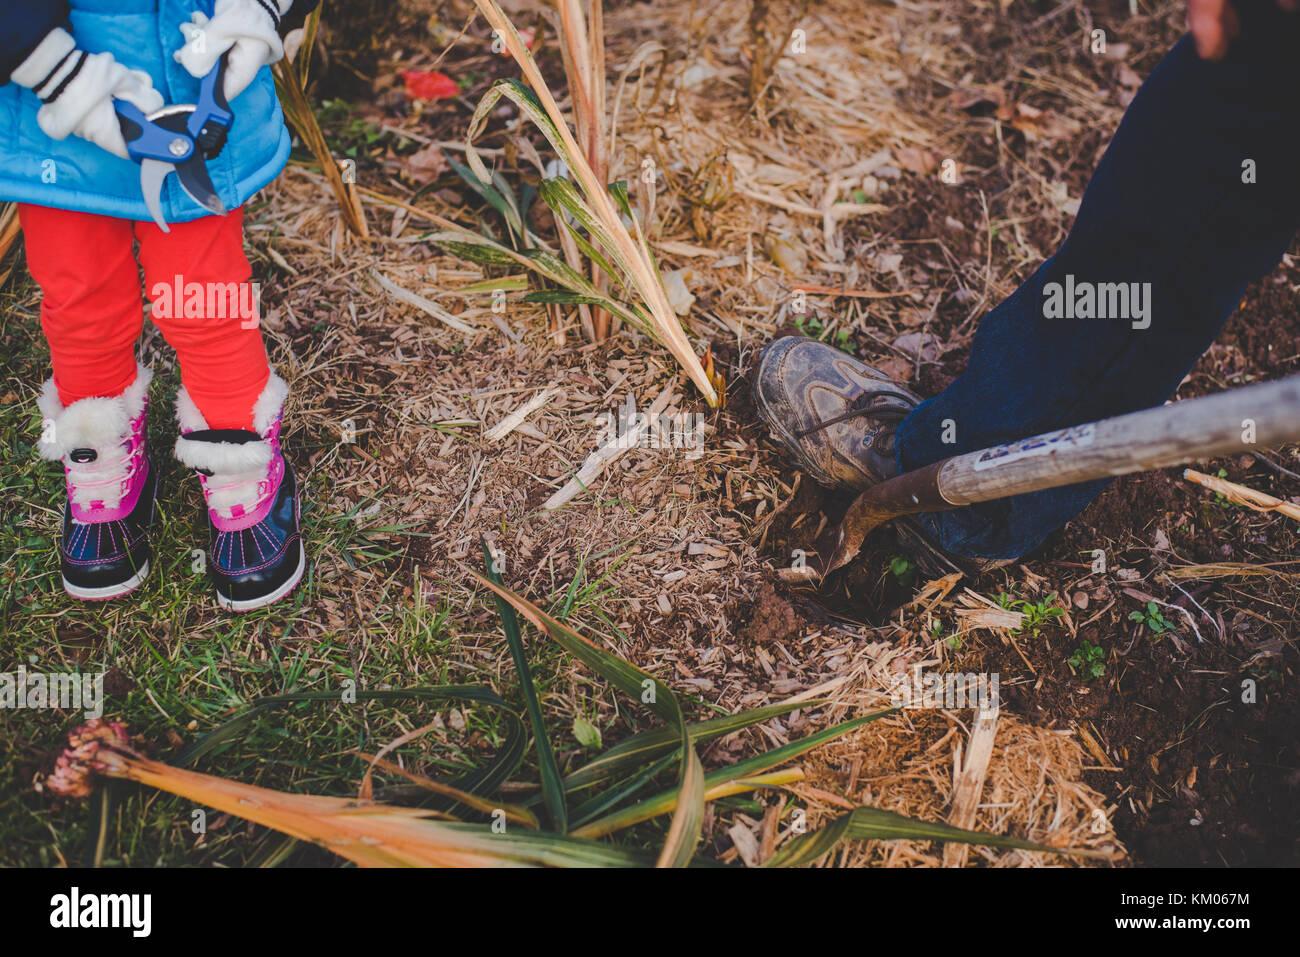 Kinder helfen ihren Großvater dig in einem Garten im Winter Stockbild